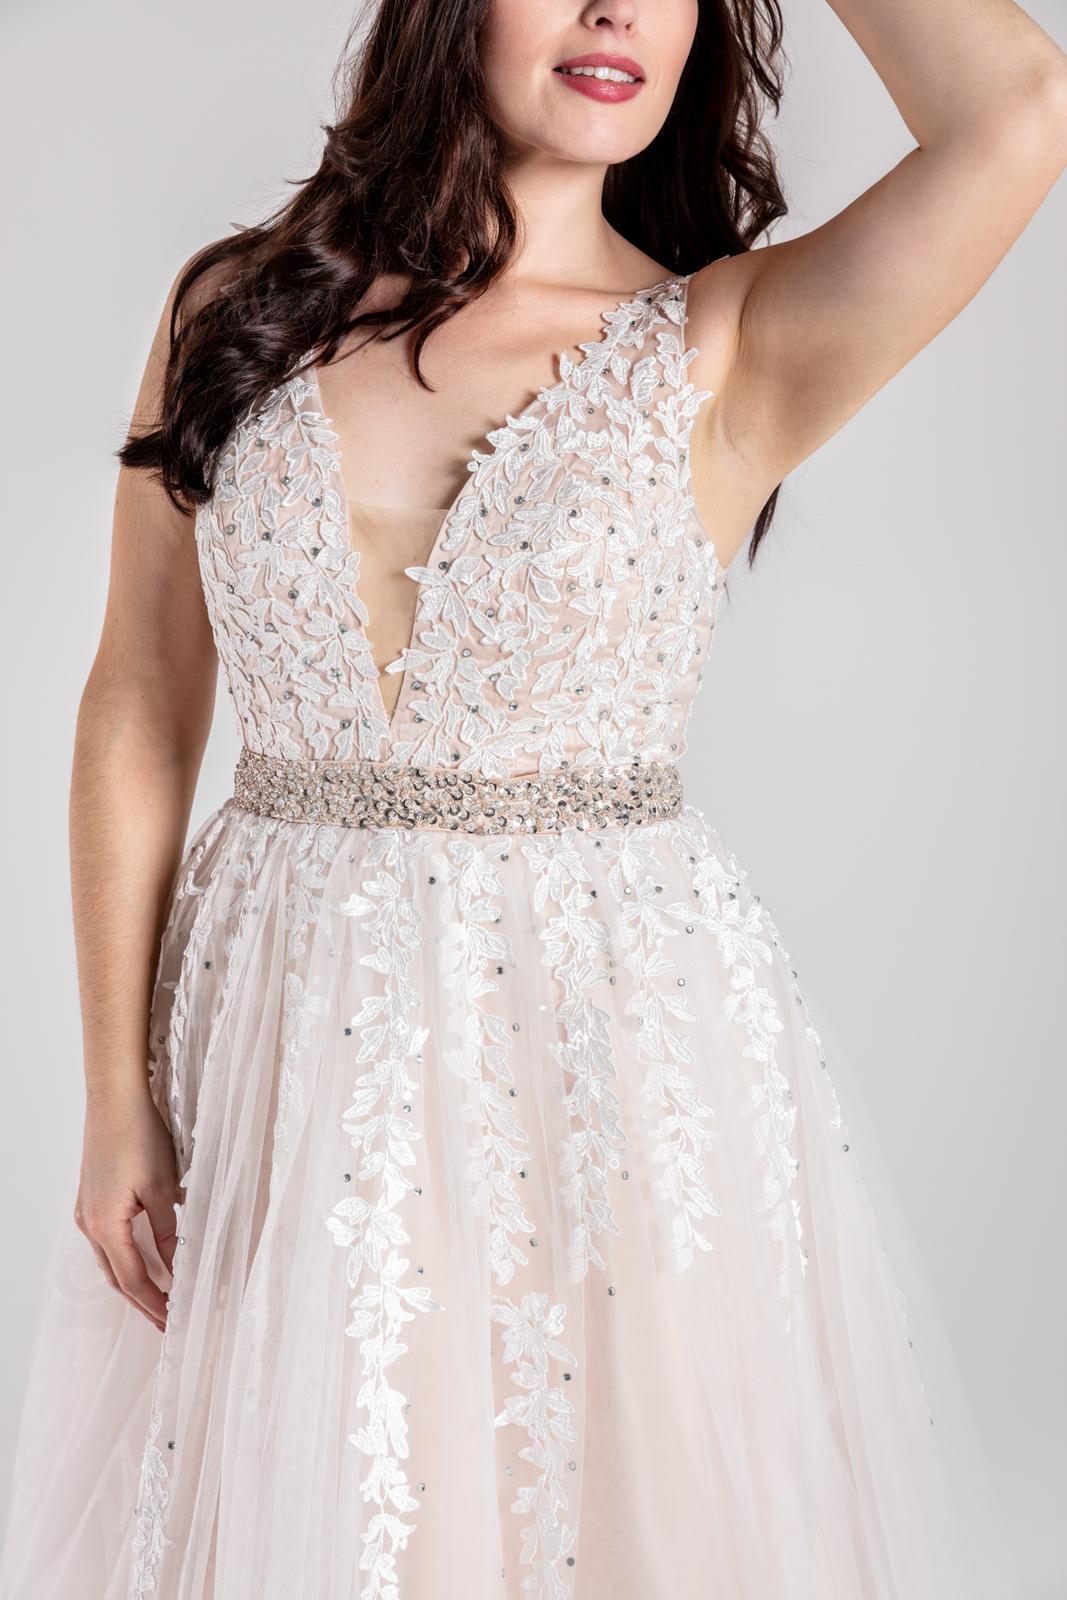 Svatební šaty v boho stylu 42-44 - Obrázek č. 1